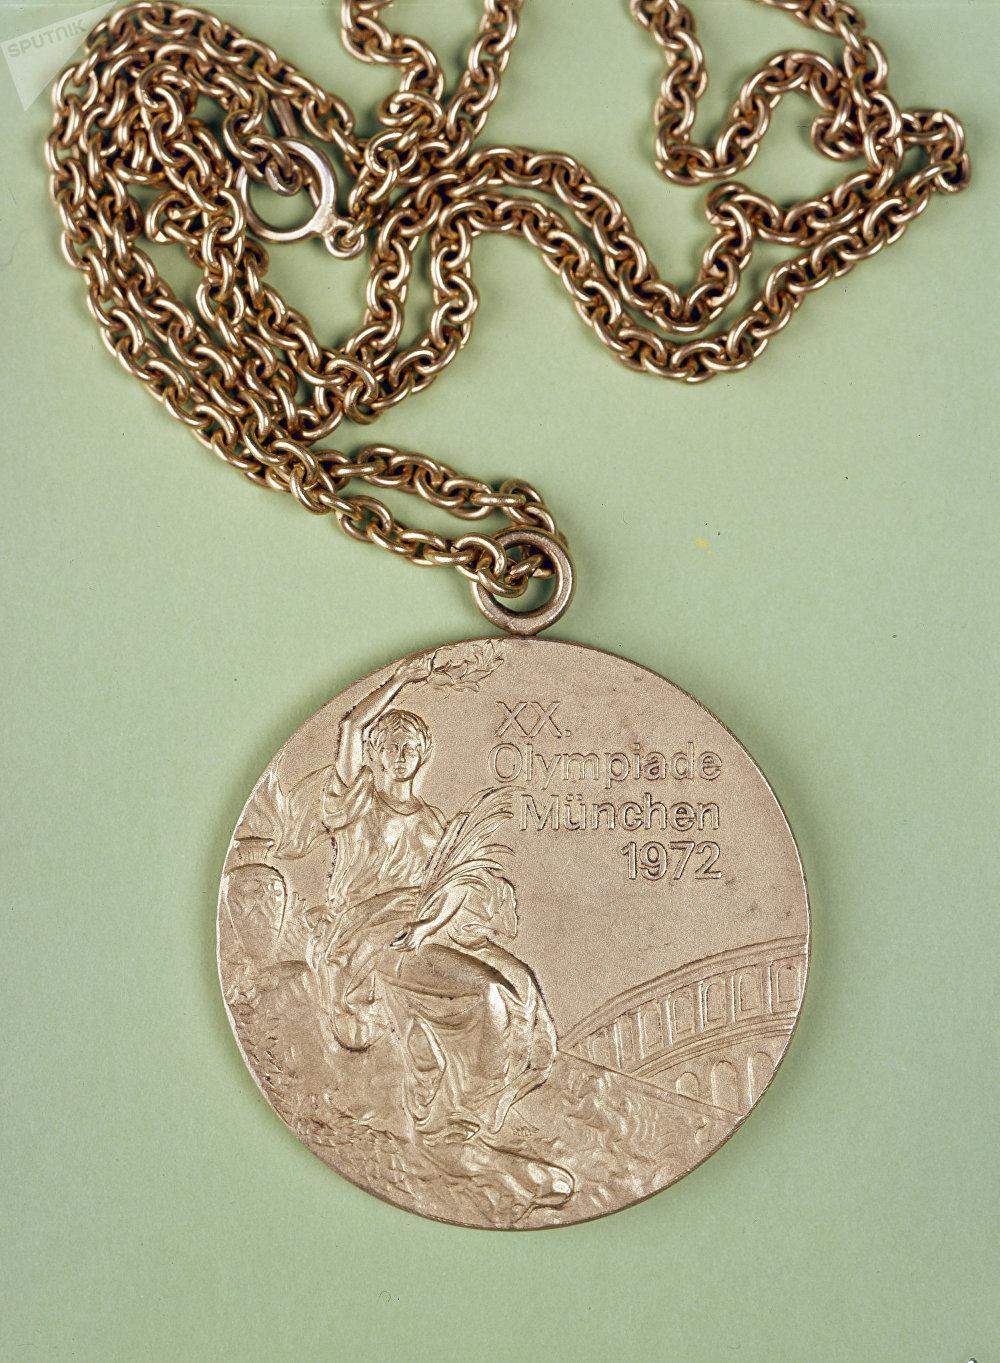 Une médaille des JO 1972 de Munich